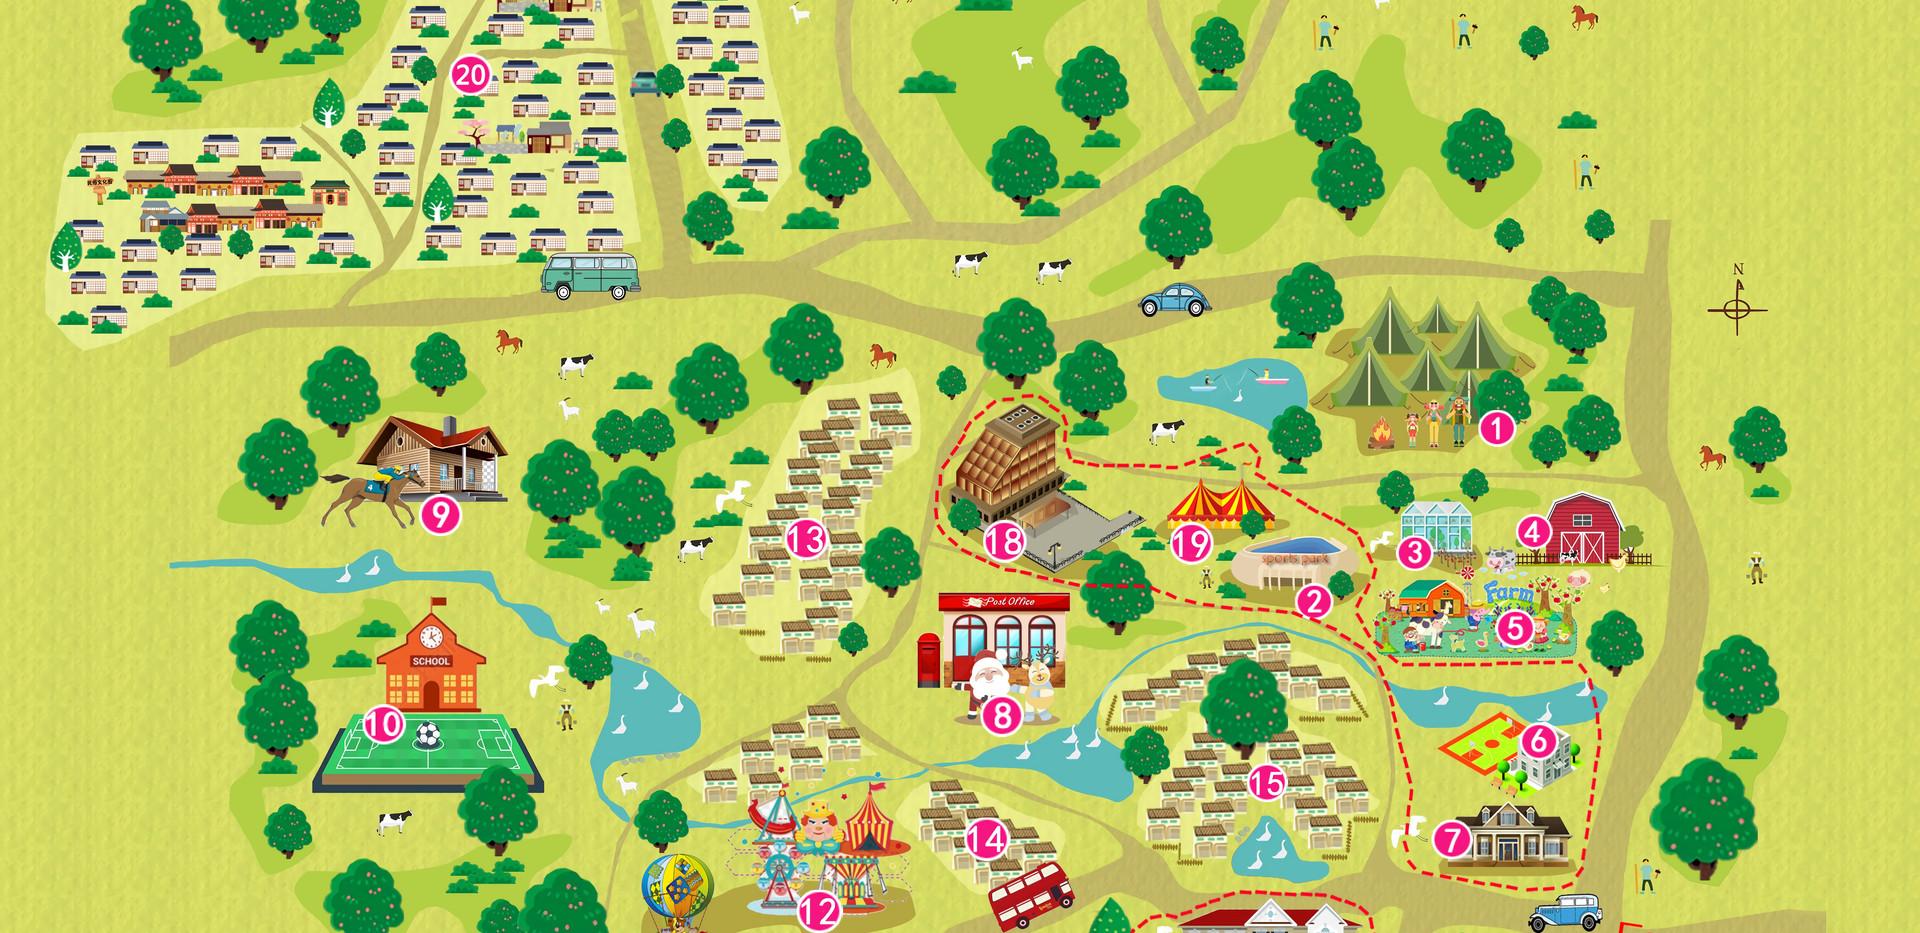 中欧营地小镇概念方案